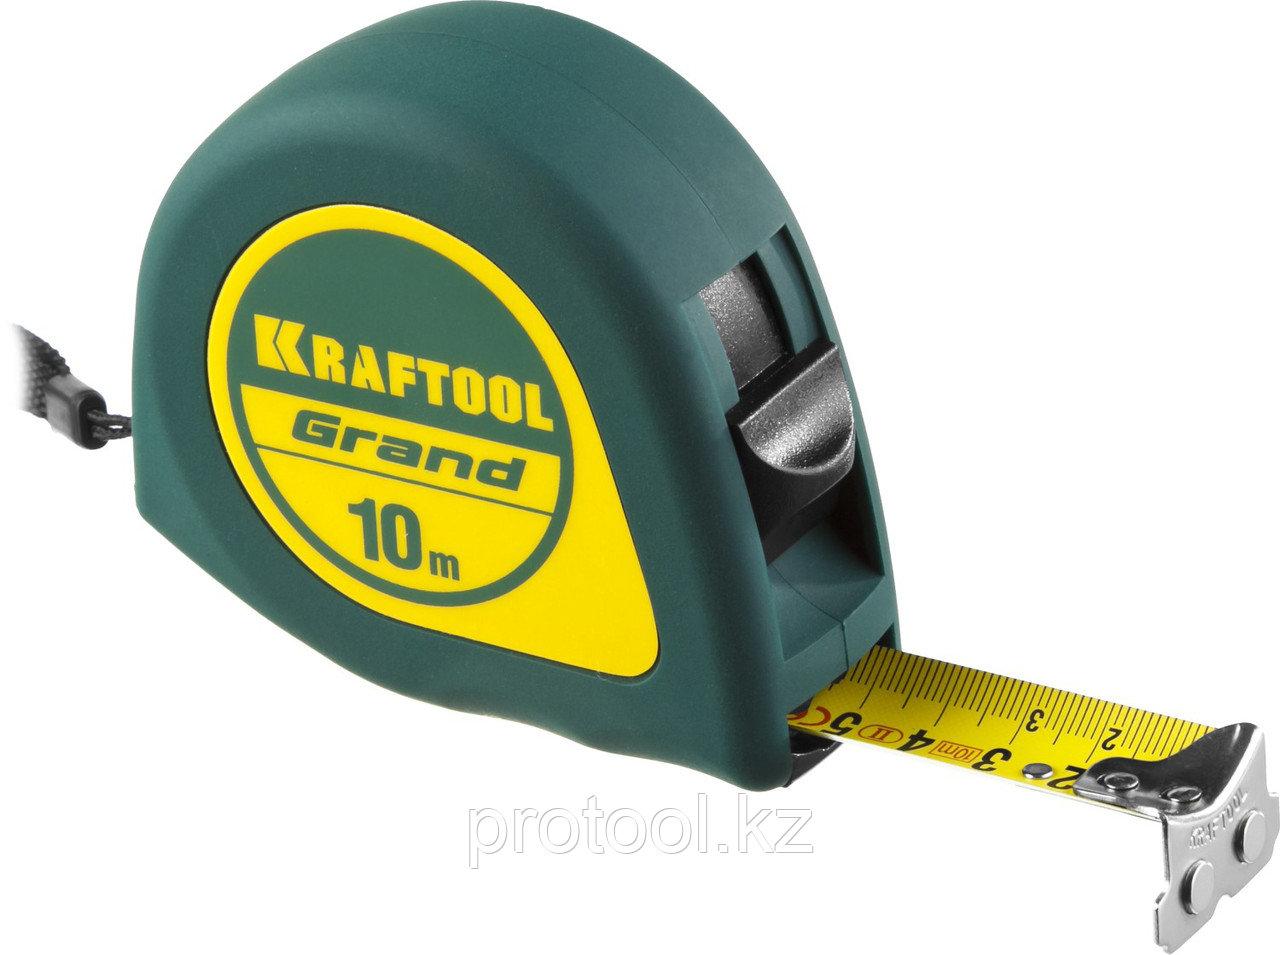 Рулетка KRAFTOOL GRAND, обрезиненный пластиковый корпус, 10м/25мм